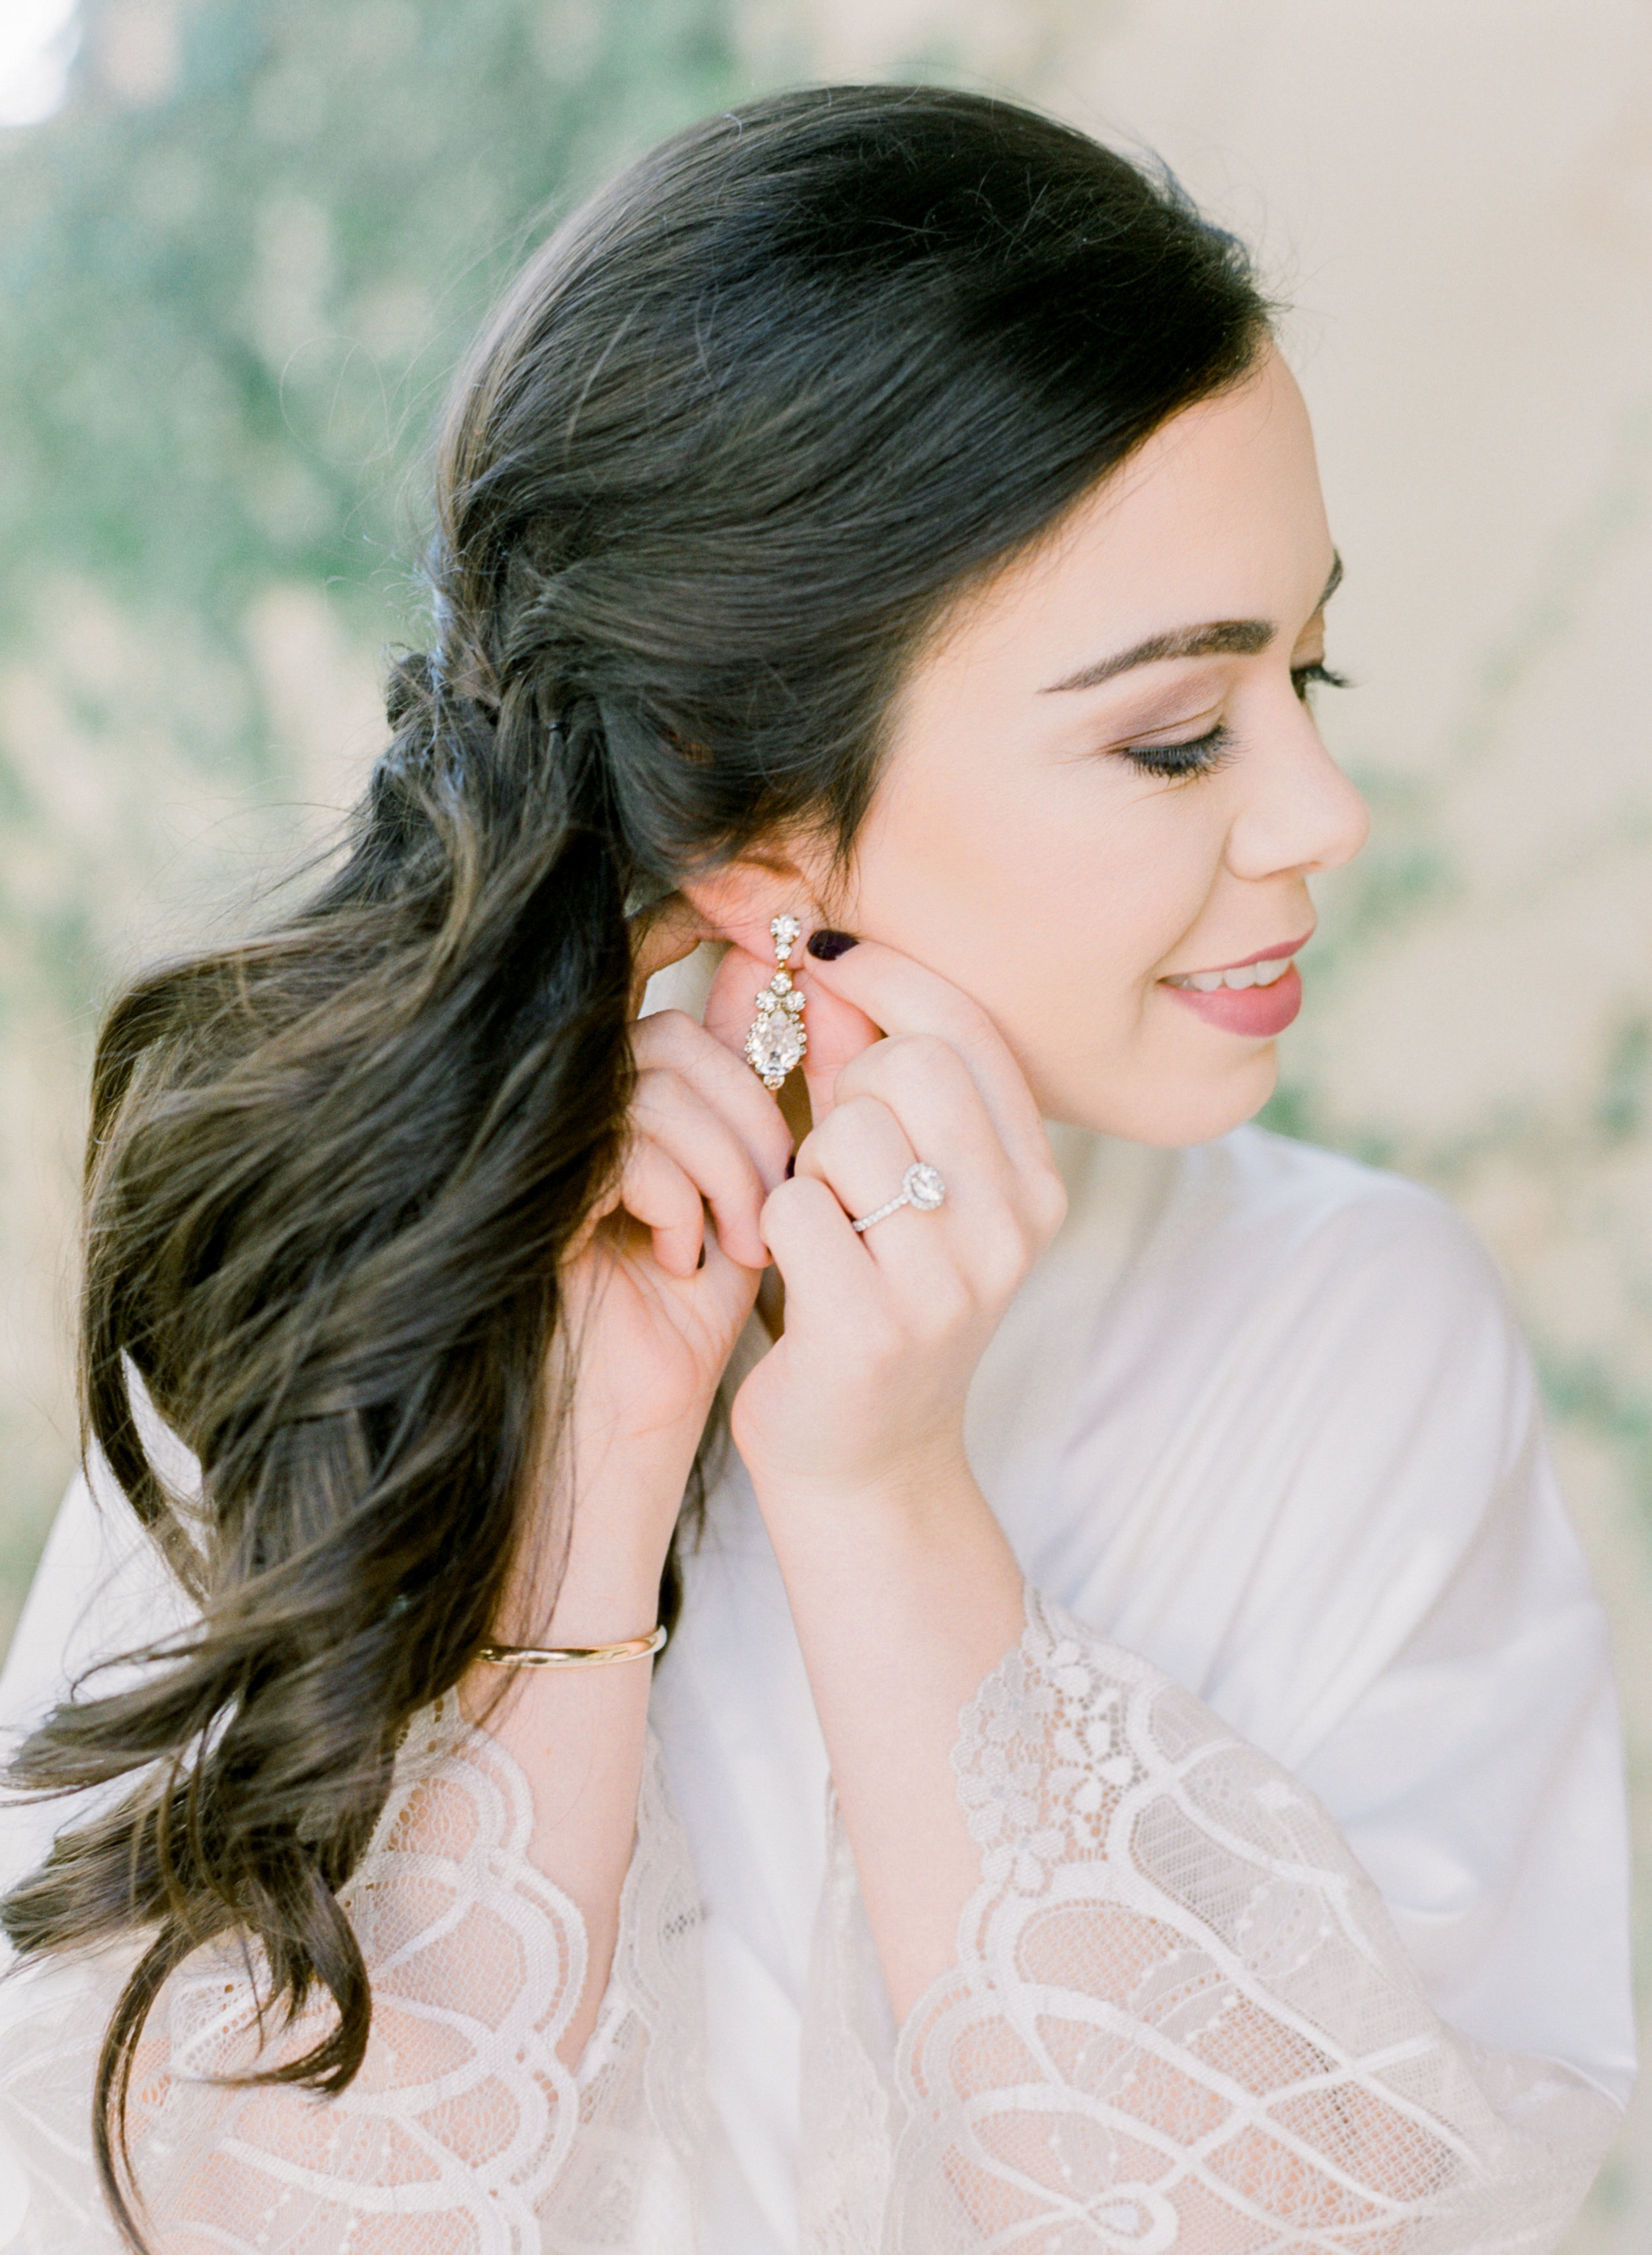 Bridal4thewin-Gina6.jpg